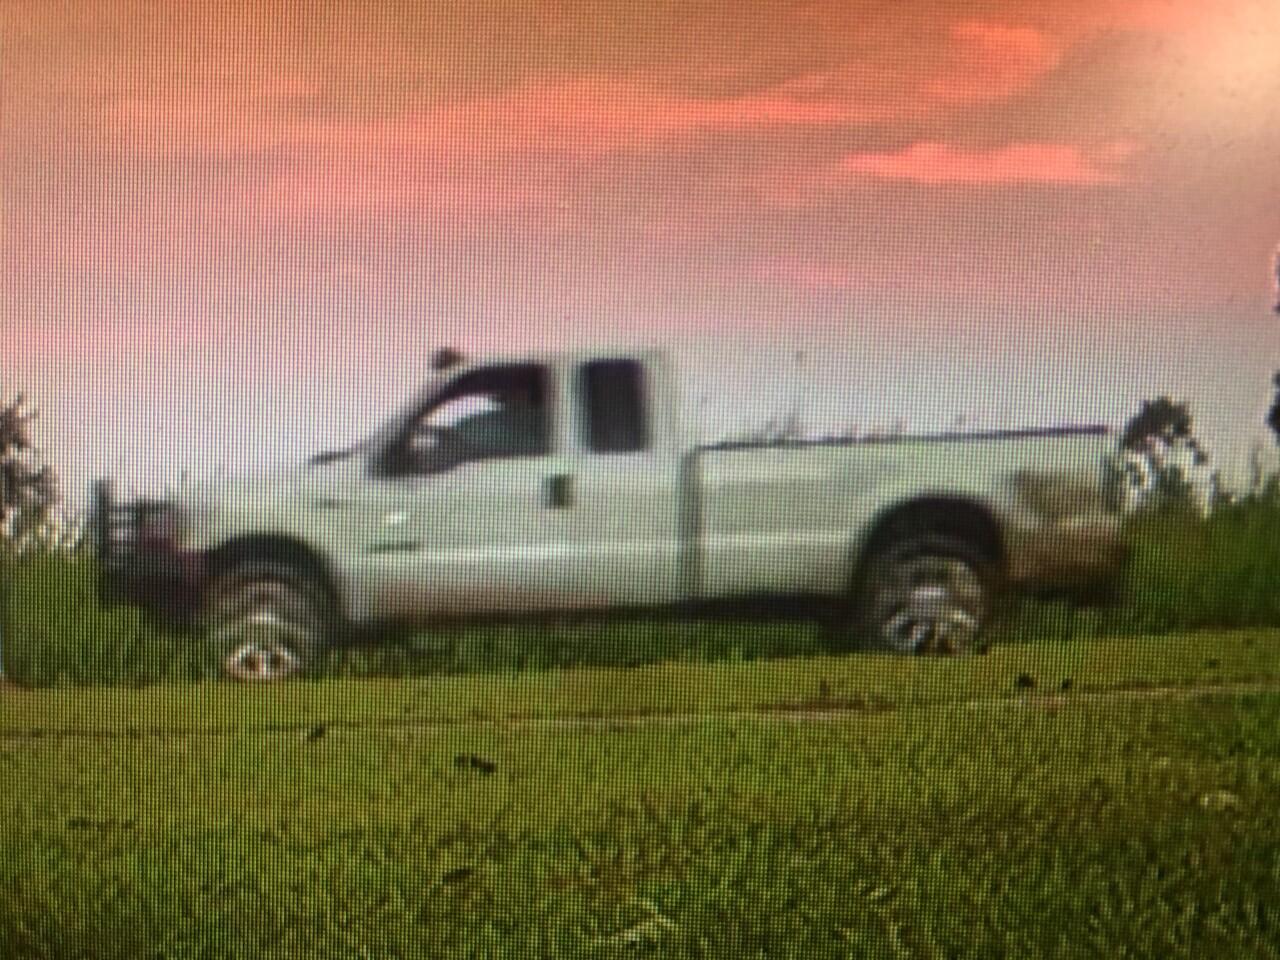 Suspect Truck.JPG